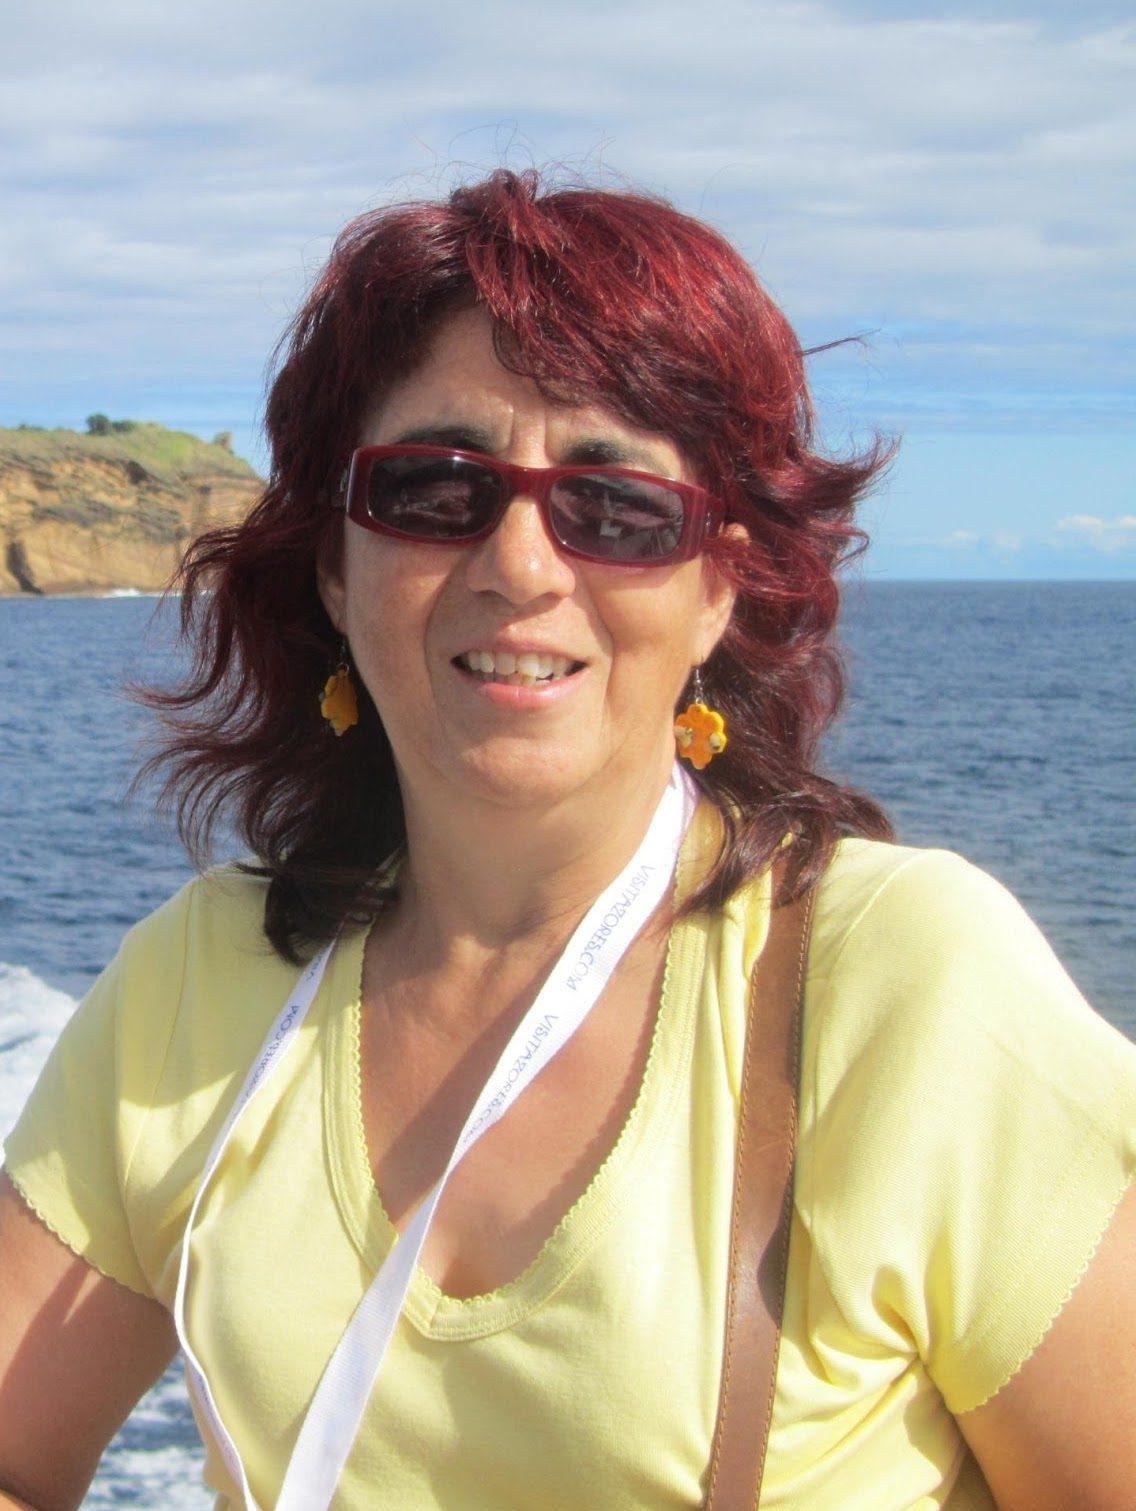 Ana María Alonso Zarza